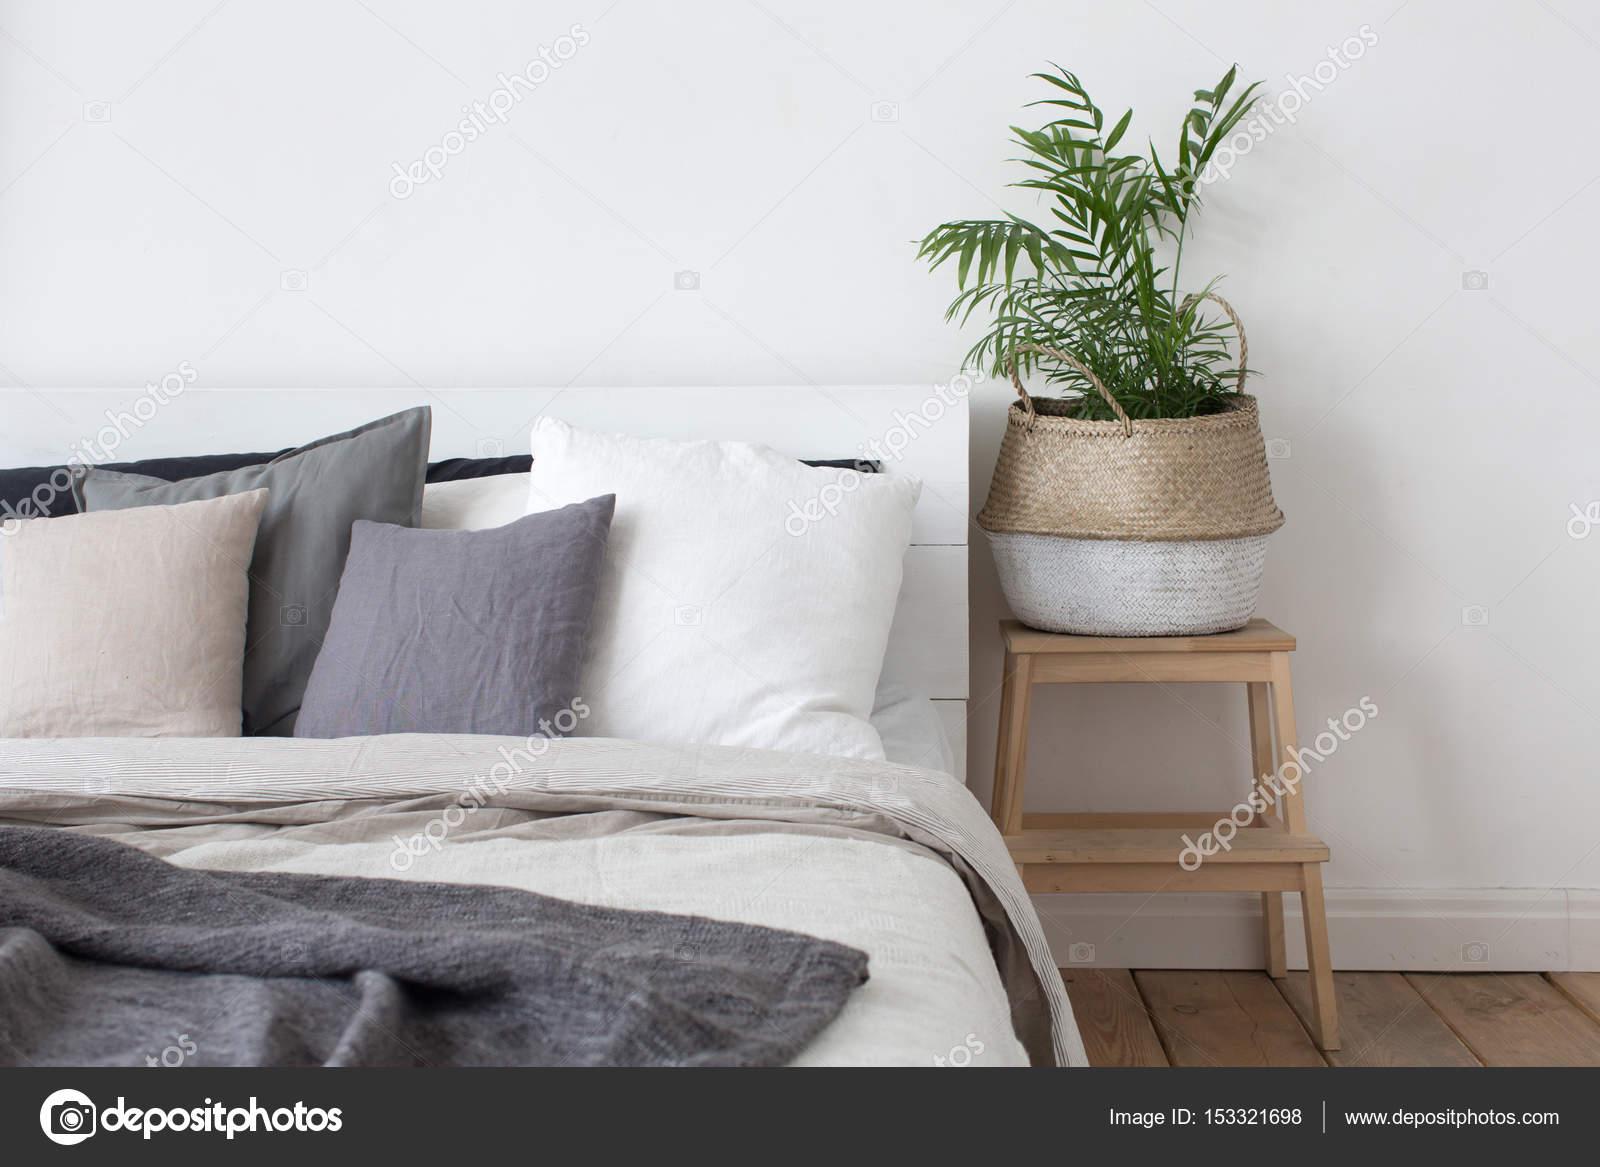 Slaapkamer interieur bed en nachtkastje met plant — Stockfoto ...